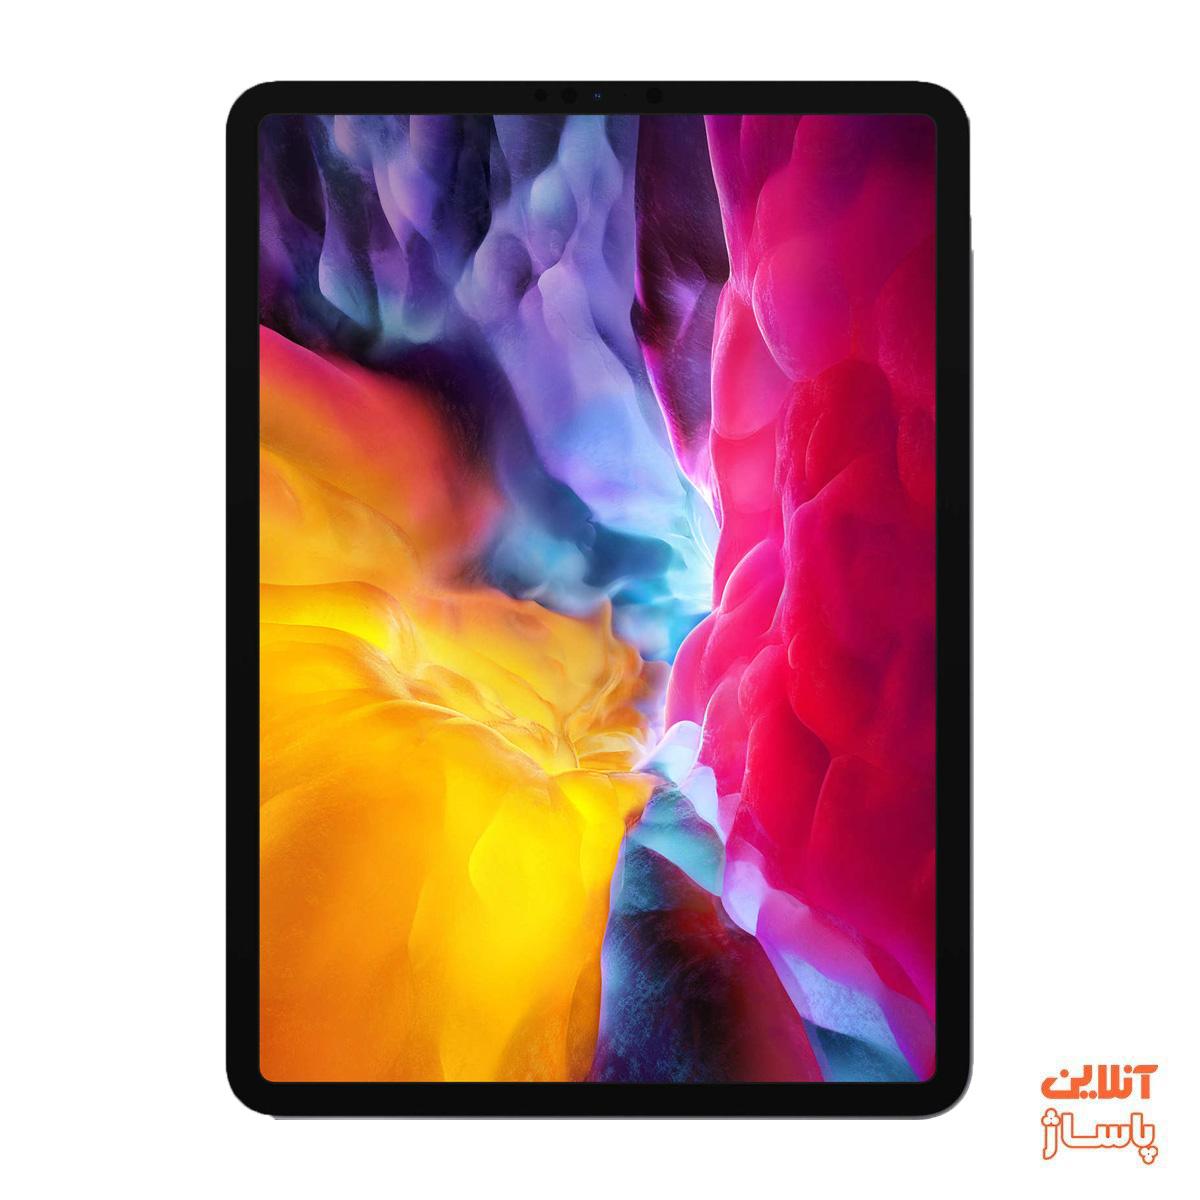 تبلت اپل مدل iPad Pro 11 inch 2020 WiFi ظرفیت 1 ترابایت